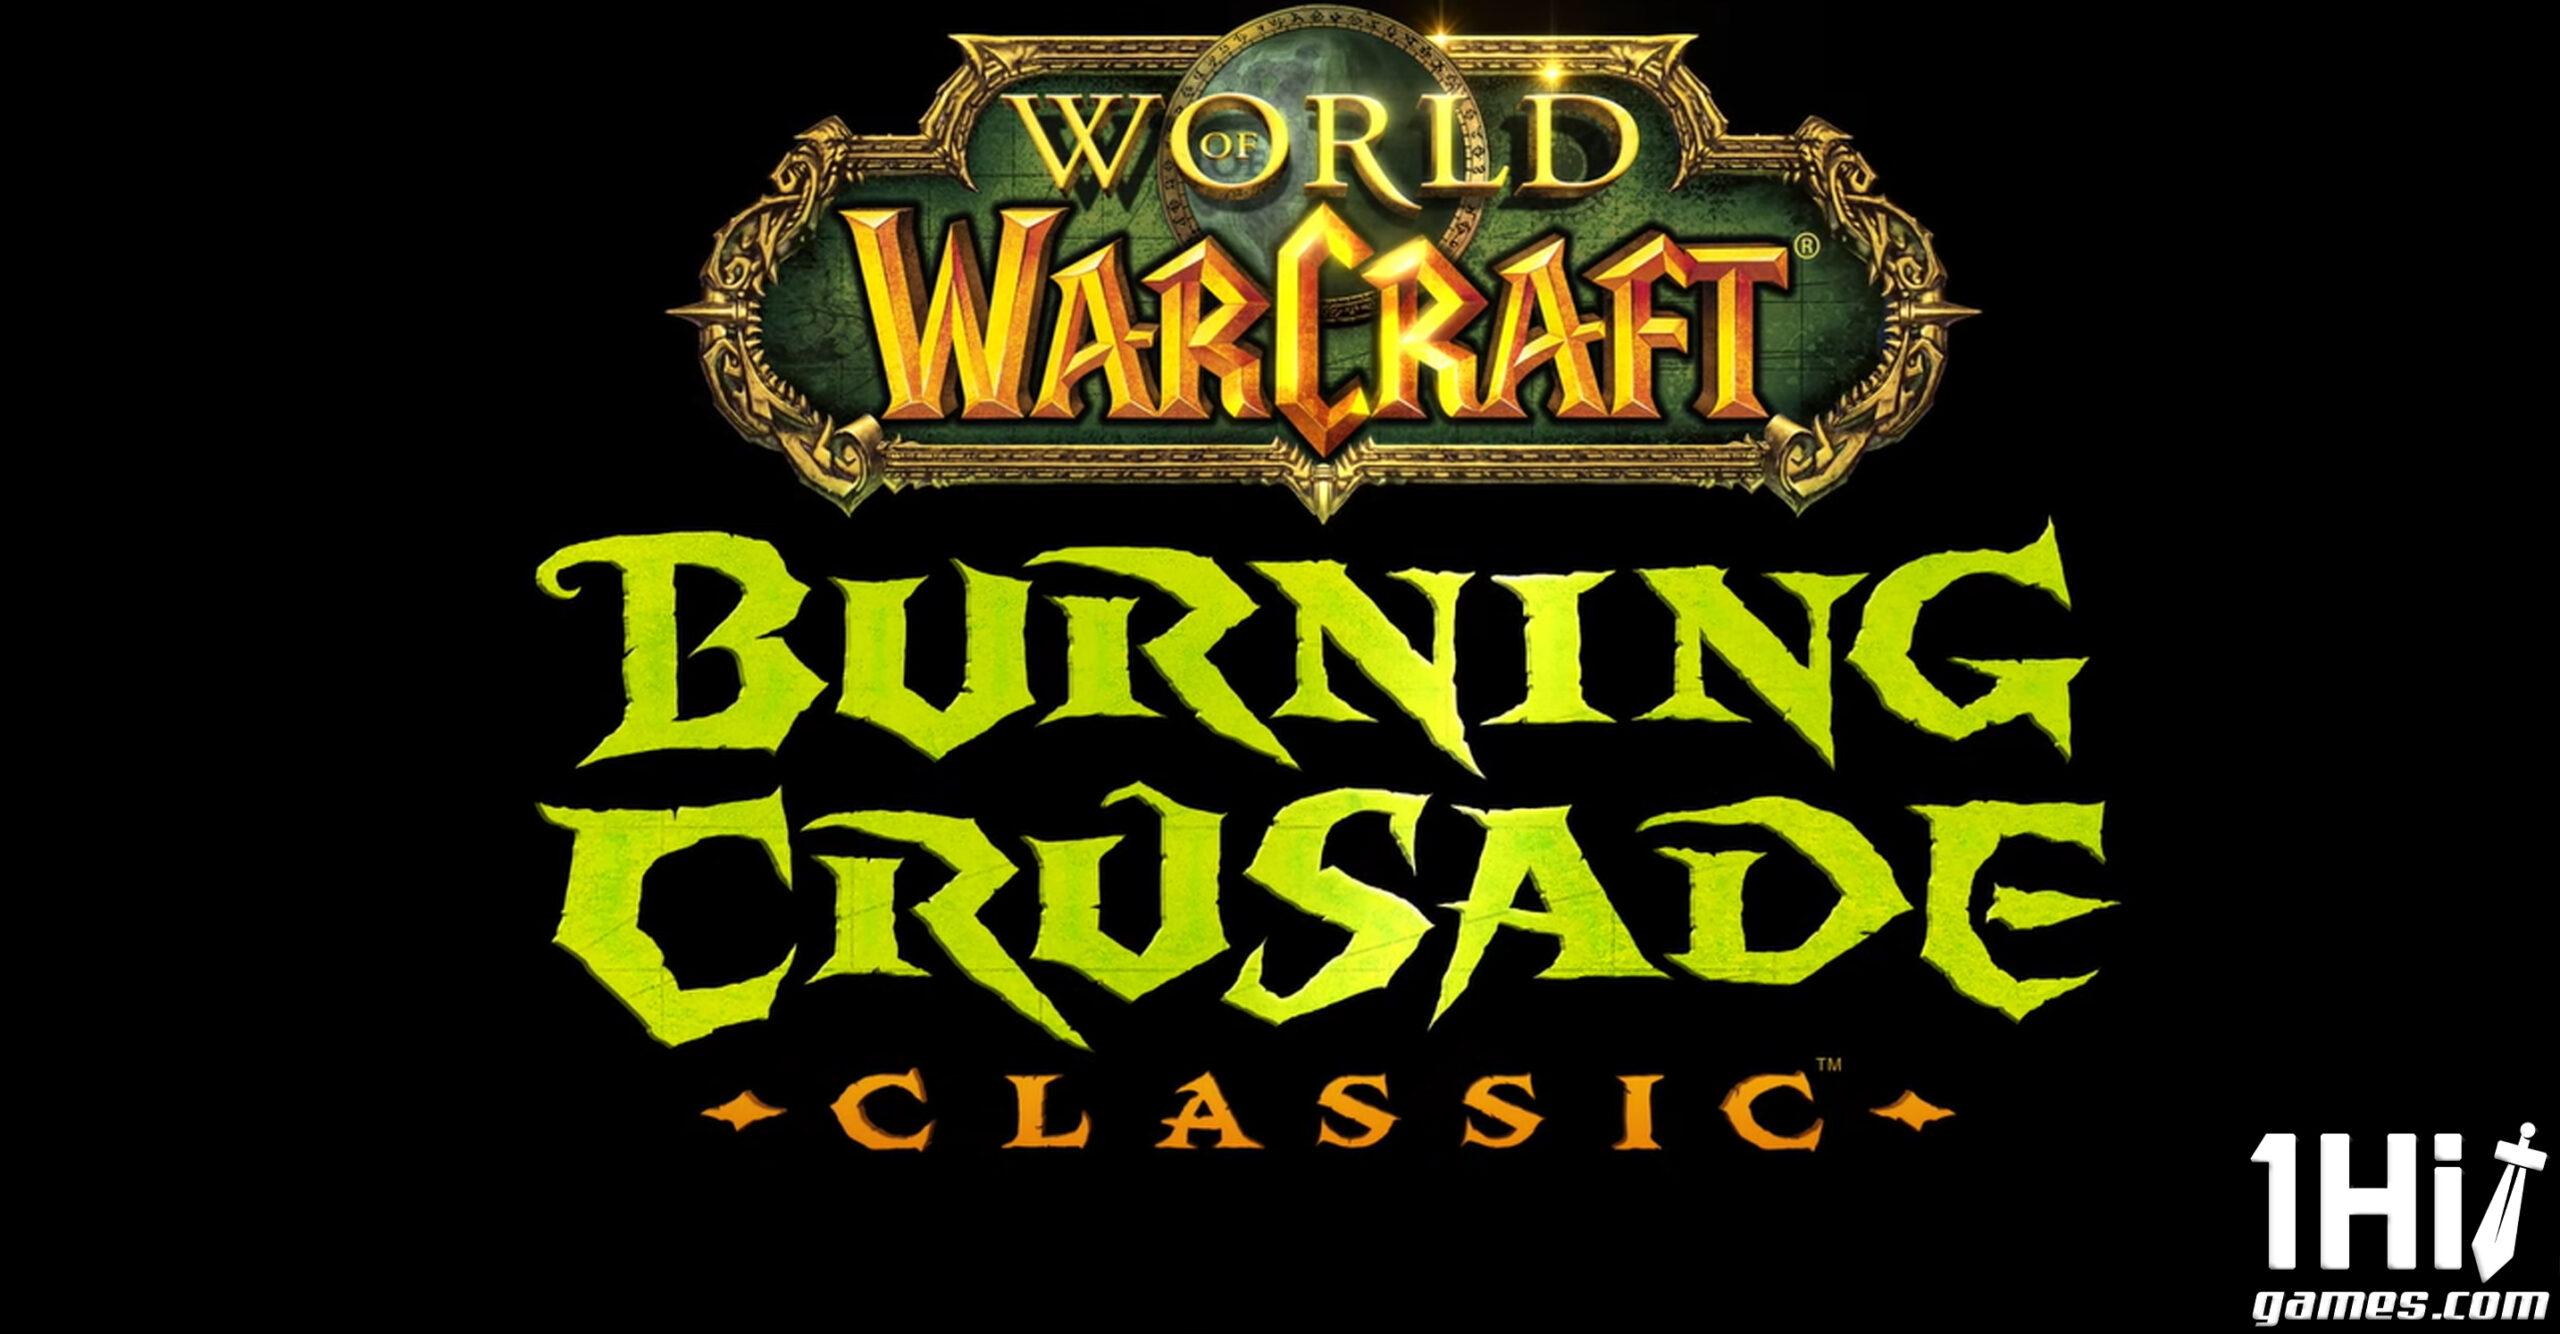 World of Warcraft: Burning Crusade Classic com lançamento para junho